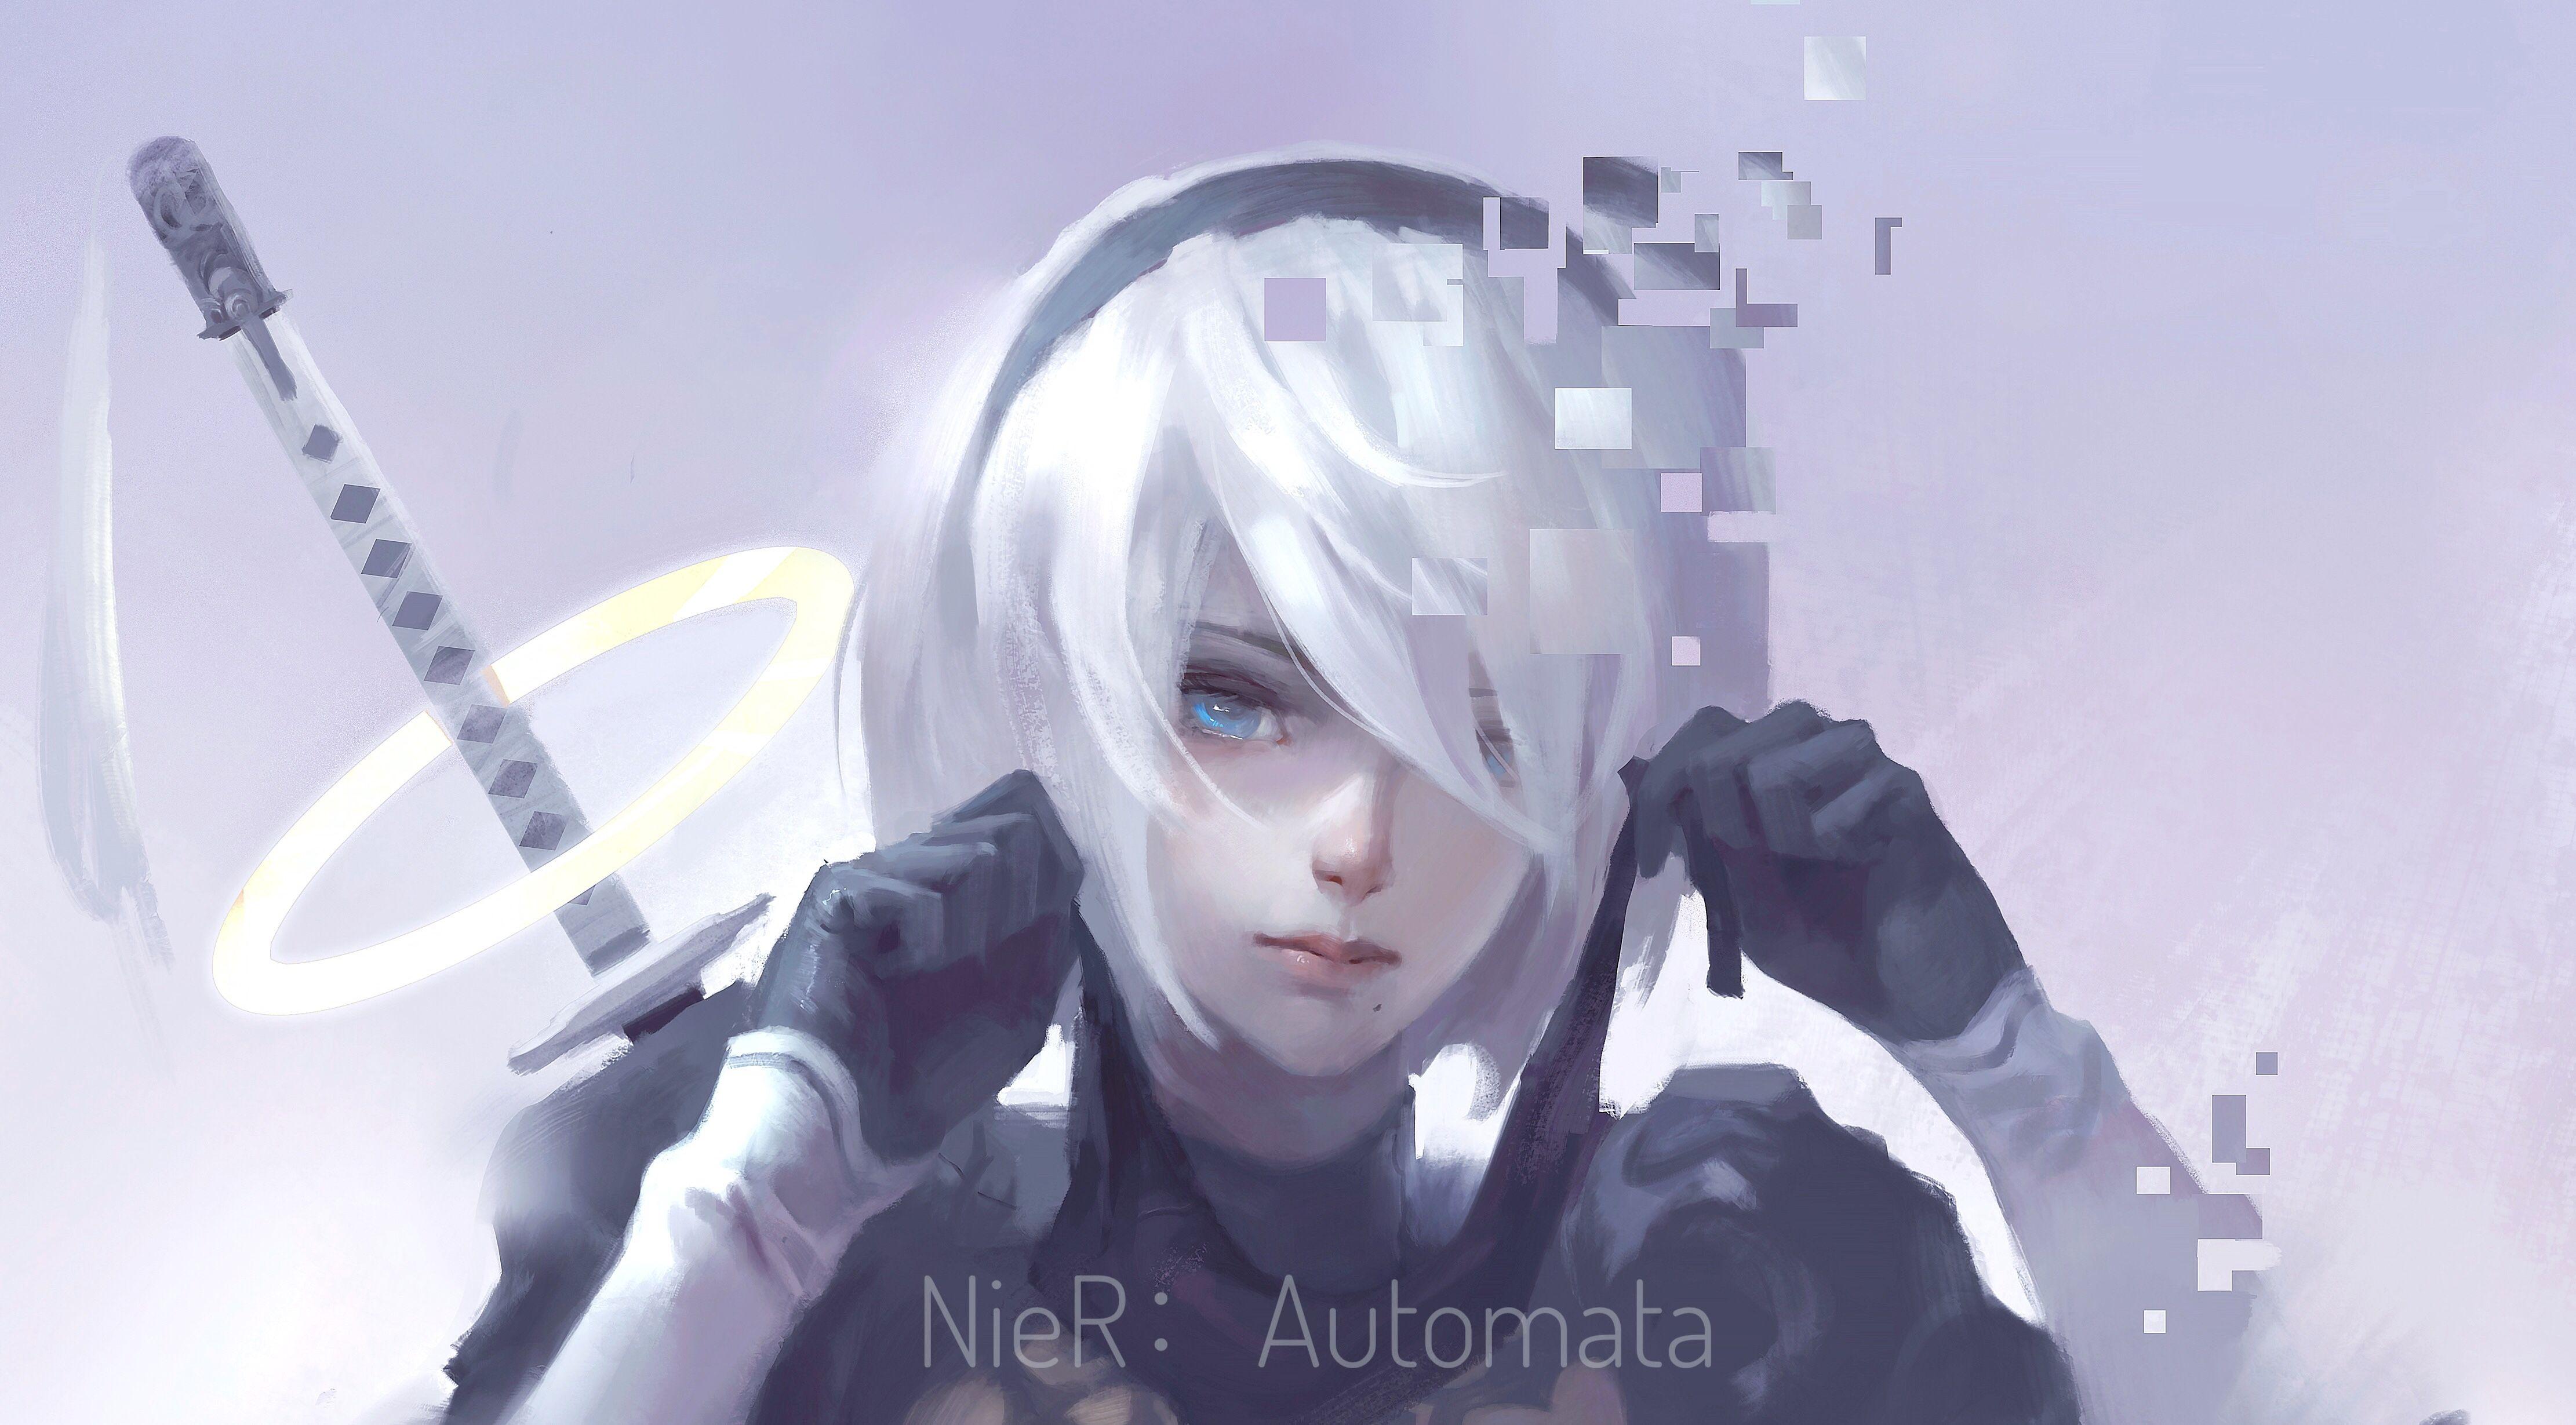 Nier Automata 2b Art By Dcchris Dễ Thương Hoạt Hinh